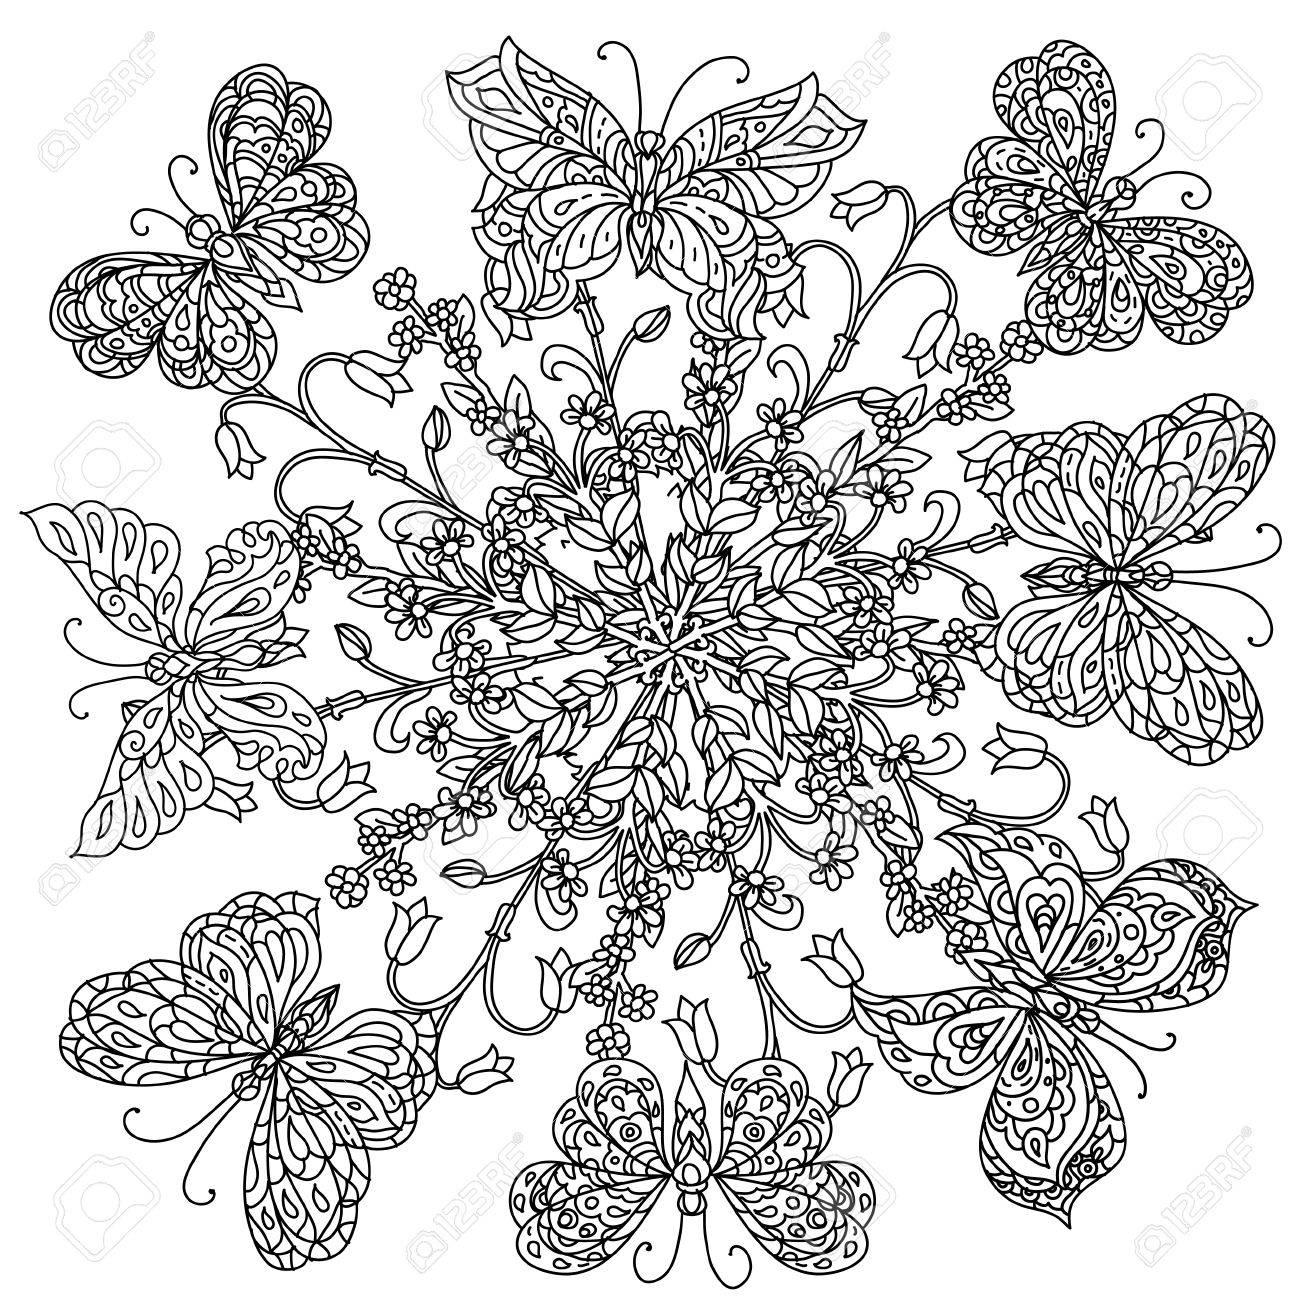 Coloriage Fleur Zen.Fleurs De Forme Mandala Et Papillon Pour Adultes Livre De Coloriage